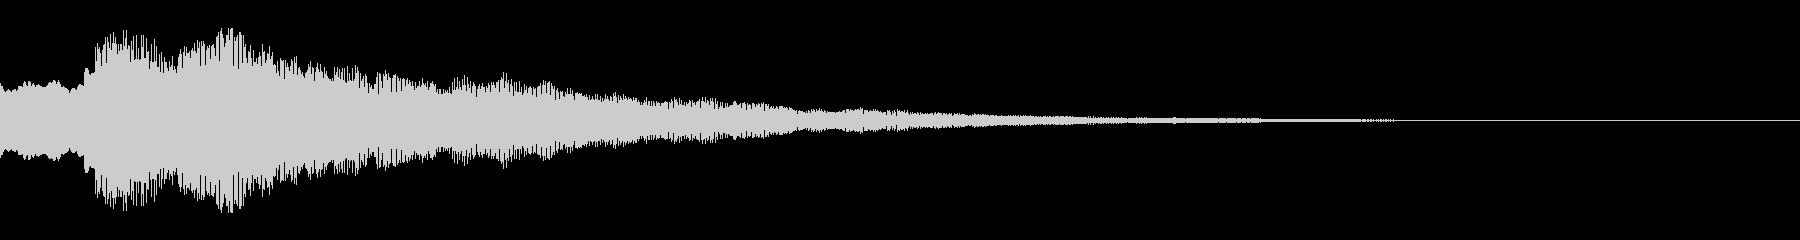 キラキラ(星/アイテム取得/決定)の未再生の波形